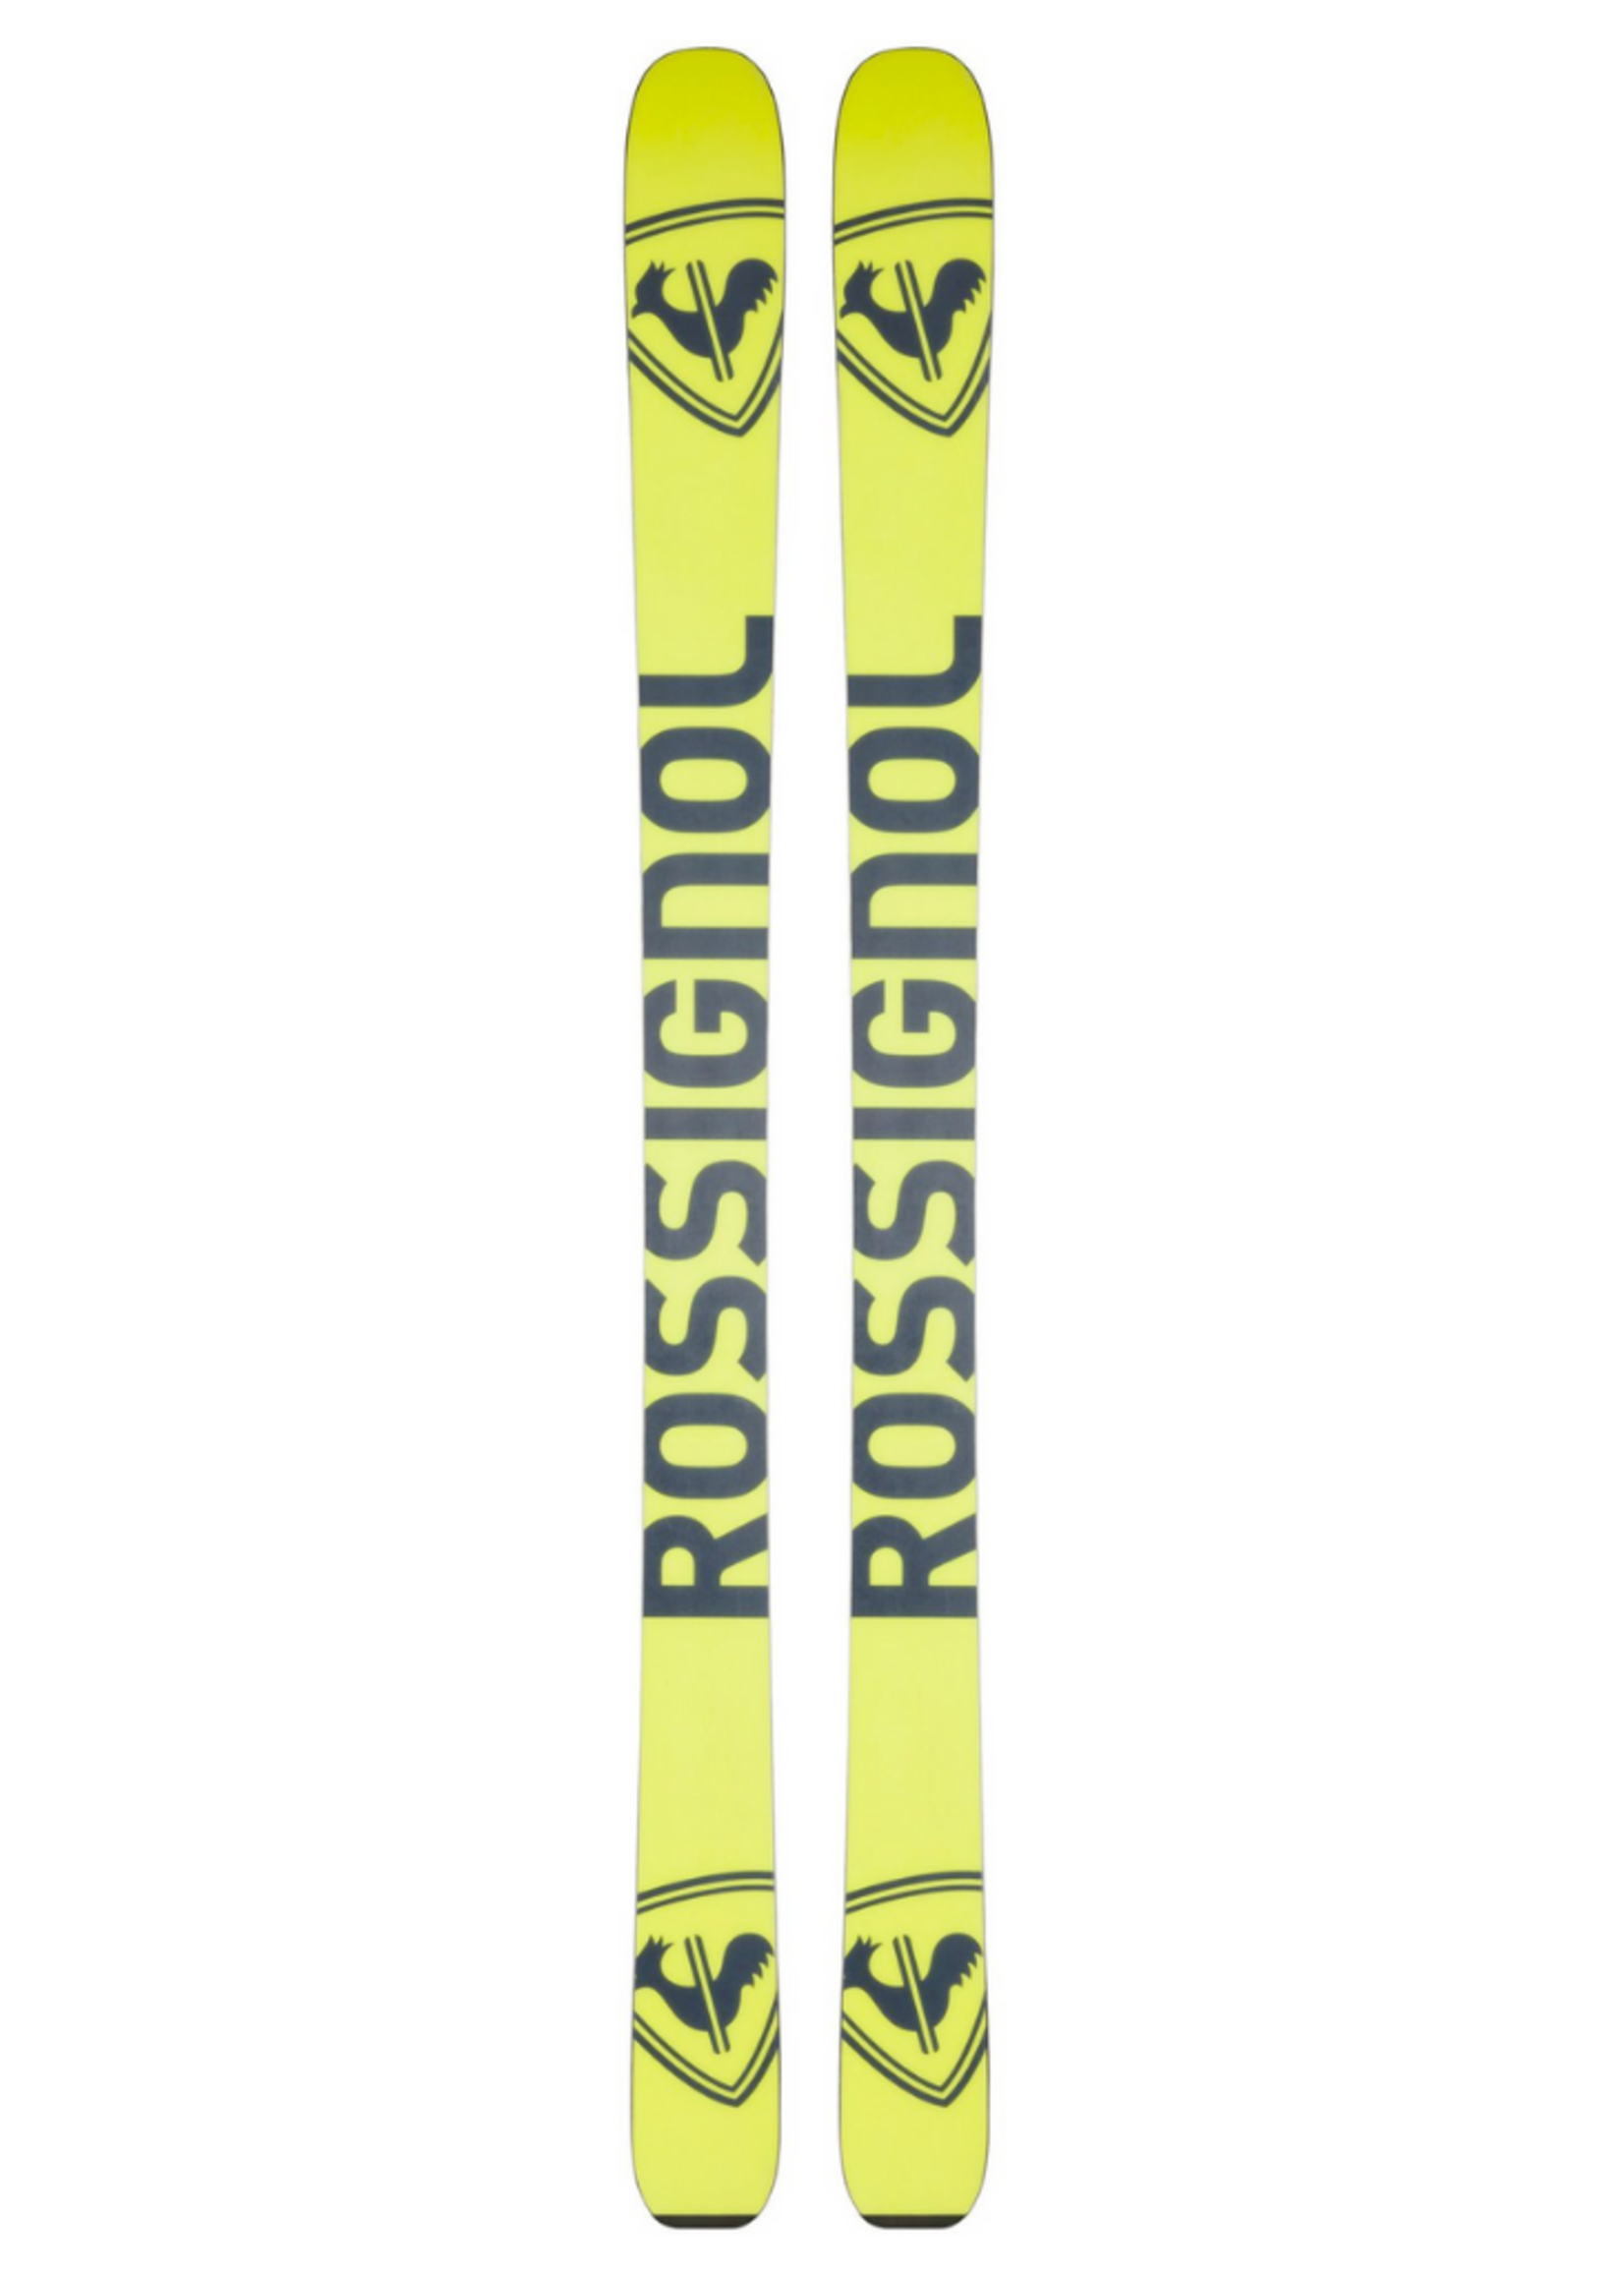 ROSSIGNOL 21 ROSSIGNOL BLACKOPS SENDER TI